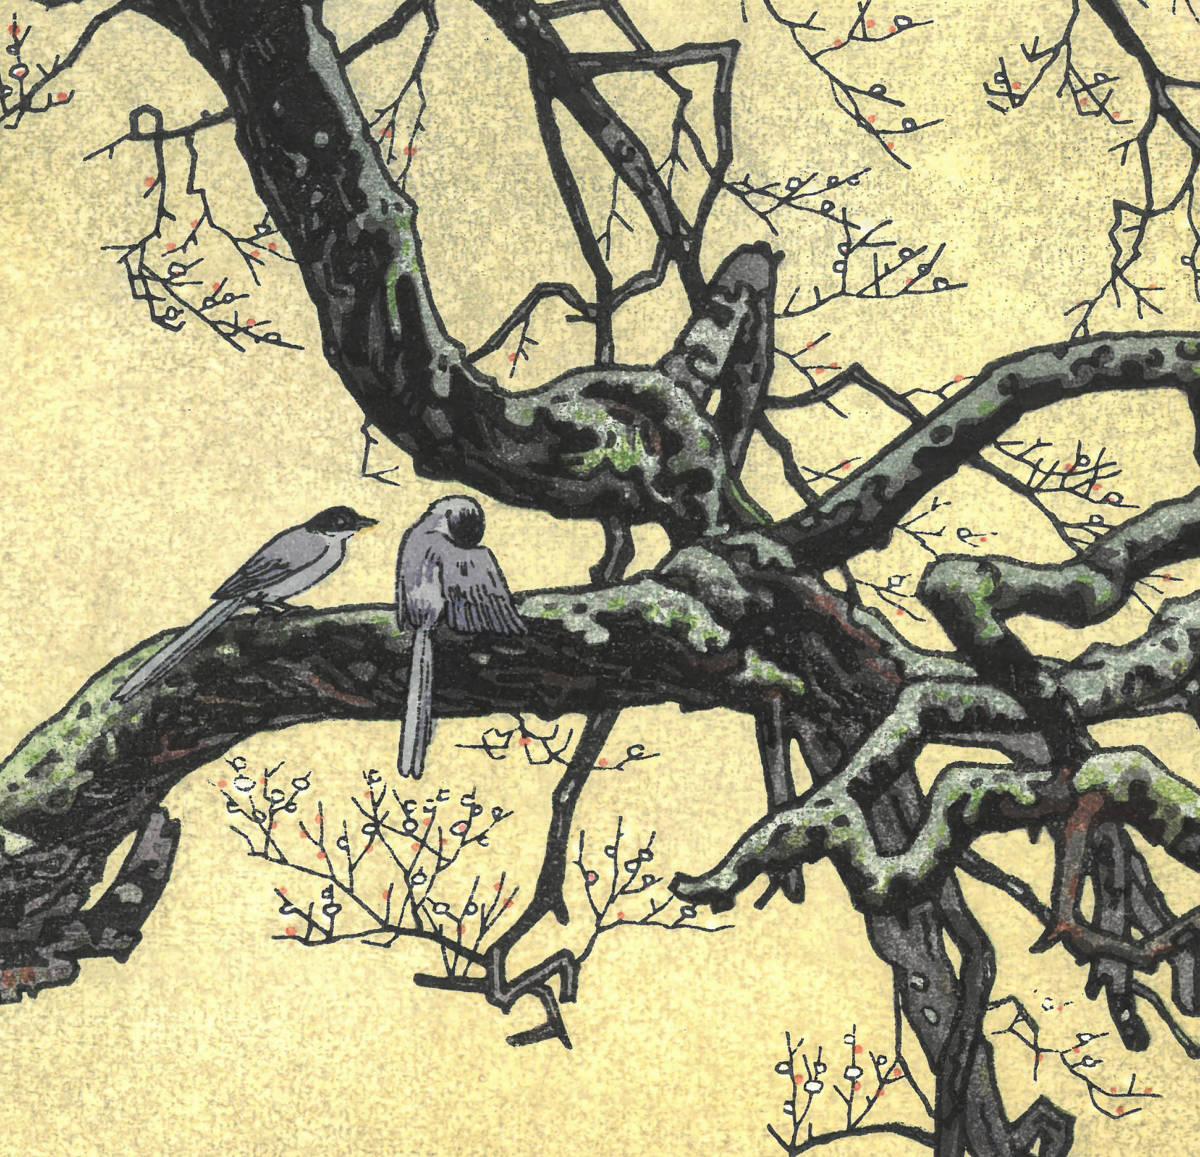 吉田遠志 木版画 015106 数珠かけの梅 (Plum tree & Blue Magpie) 初摺1951年  最高峰の摺師の技をご堪能下さい!!_画像9